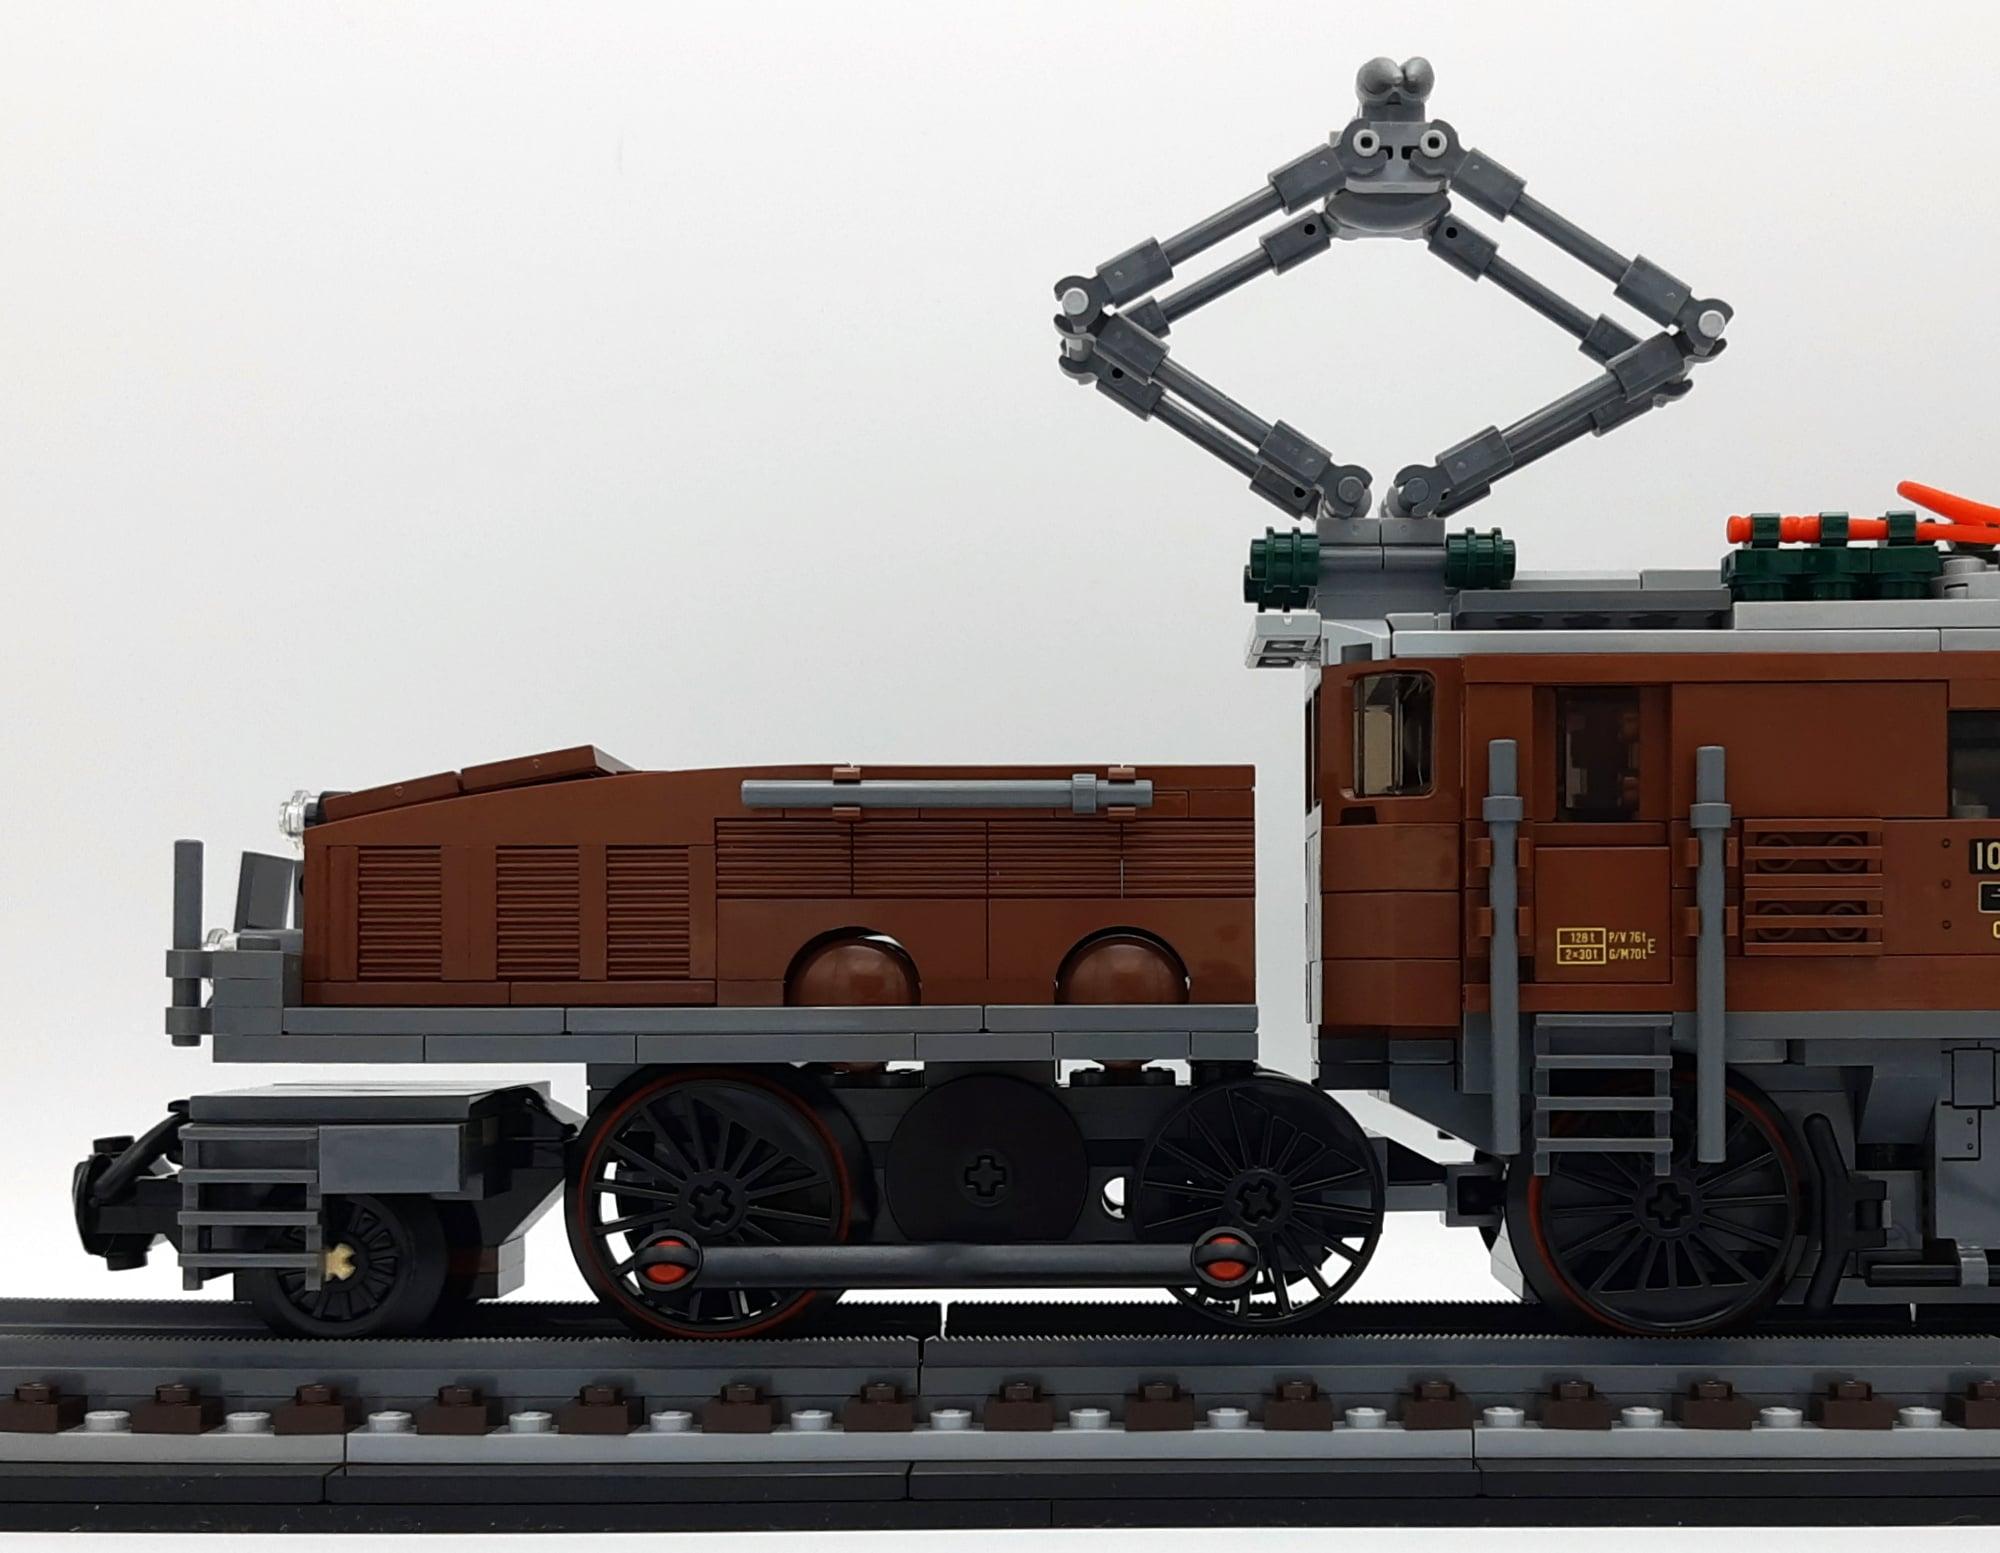 LEGO 10277 Krokodil Lokomotive - Detail Zwischenräume